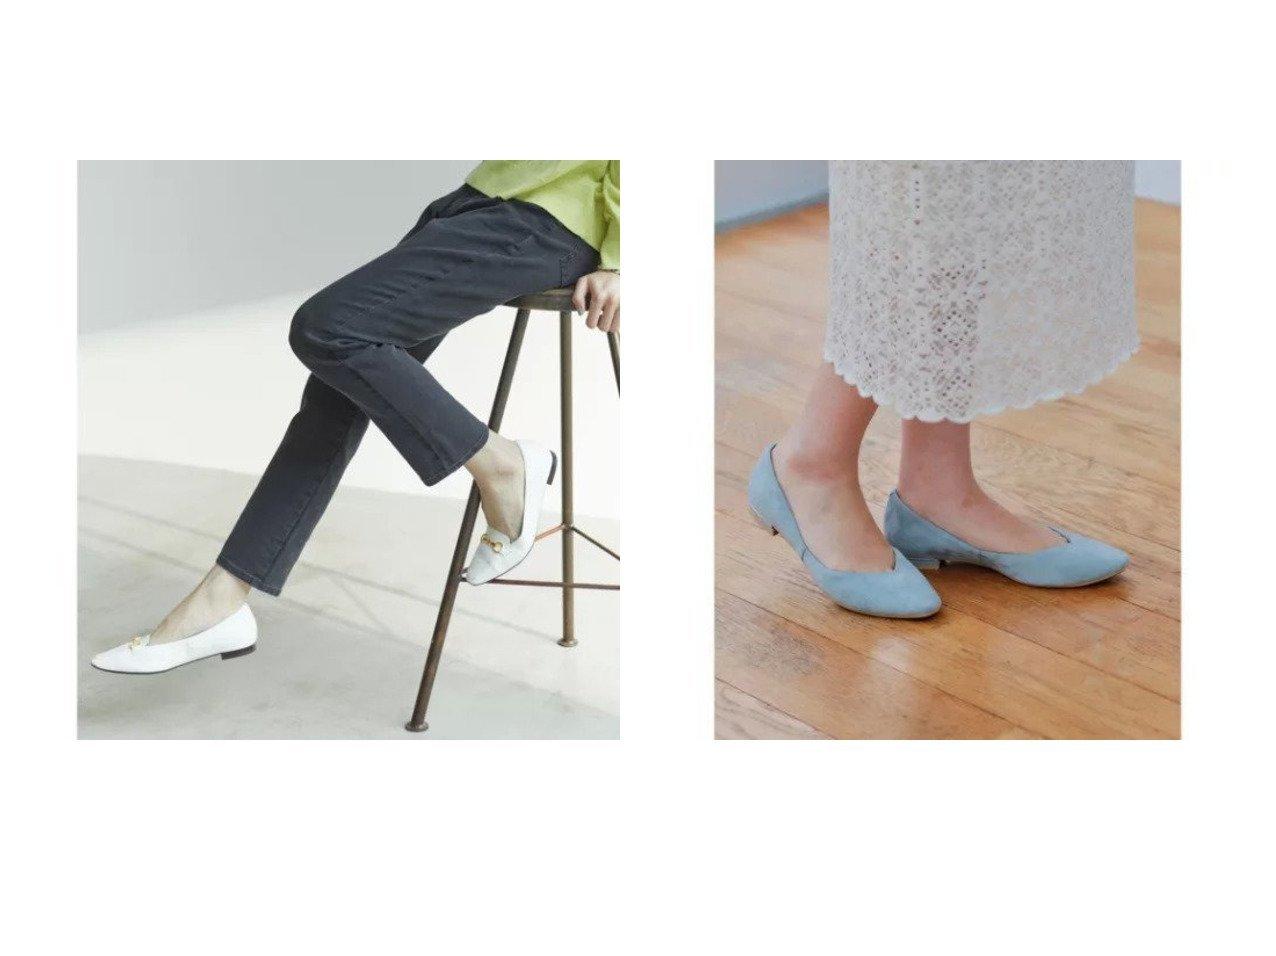 【green label relaxing / UNITED ARROWS/グリーンレーベル リラクシング / ユナイテッドアローズ】の【 Oggi コラボ 】 [7days] FFC ビットローファー(1.5cmヒール)&【 Oggi コラボ 】 [7days] FFC スクエアVカット フラットシューズ(1.5cmヒール) シューズ・靴のおすすめ!人気、トレンド・レディースファッションの通販 おすすめで人気の流行・トレンド、ファッションの通販商品 メンズファッション・キッズファッション・インテリア・家具・レディースファッション・服の通販 founy(ファニー) https://founy.com/ ファッション Fashion レディースファッション WOMEN クッション コラボ 抗菌 シューズ スクエア スタンダード フィット フラット フロント ワーク おすすめ Recommend  ID:crp329100000023320